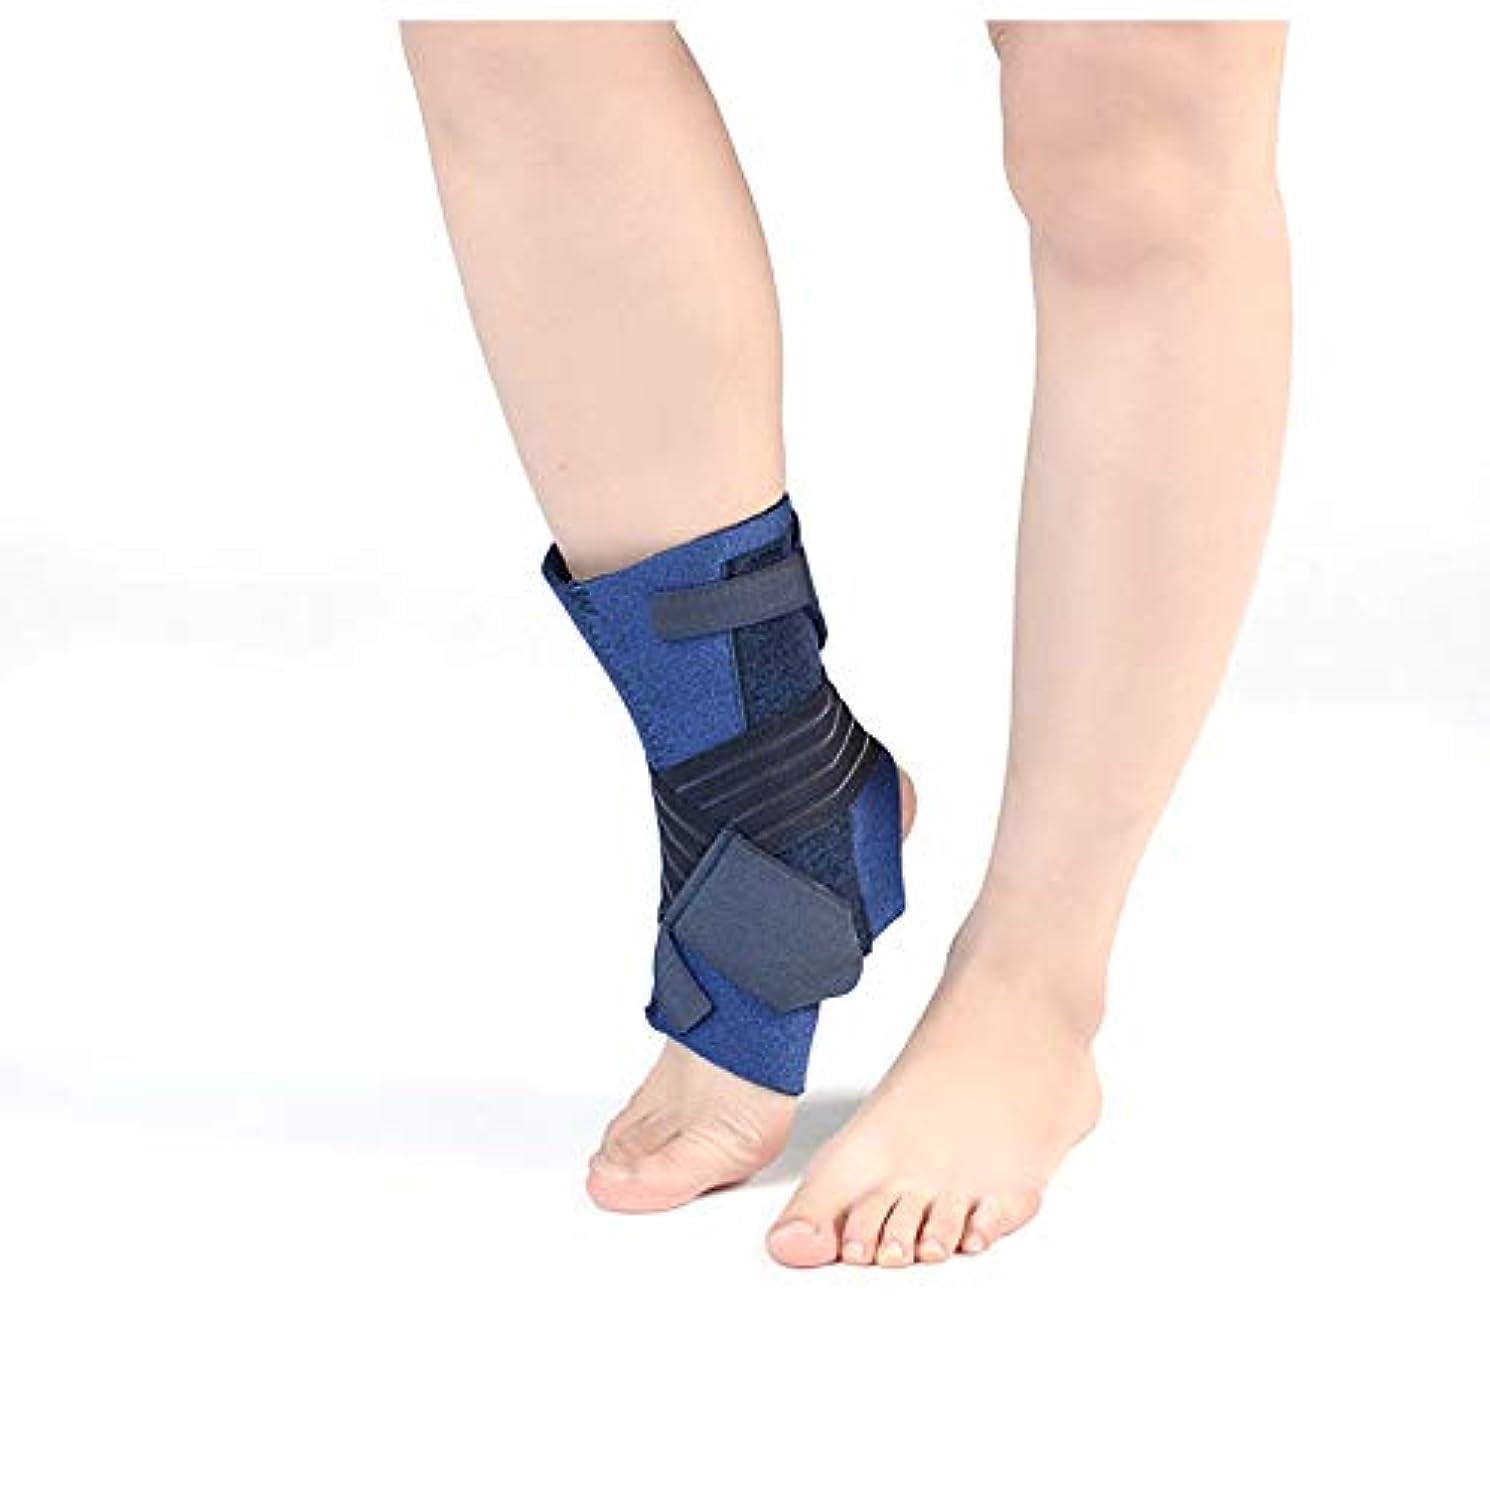 リムあいにくアスレチック足首サポート、男性/女性用の調節可能なベルクロ足首ブレース、スポーツ用足首ラップ、捻rain、靭帯損傷、アキレス腱、関節炎,S